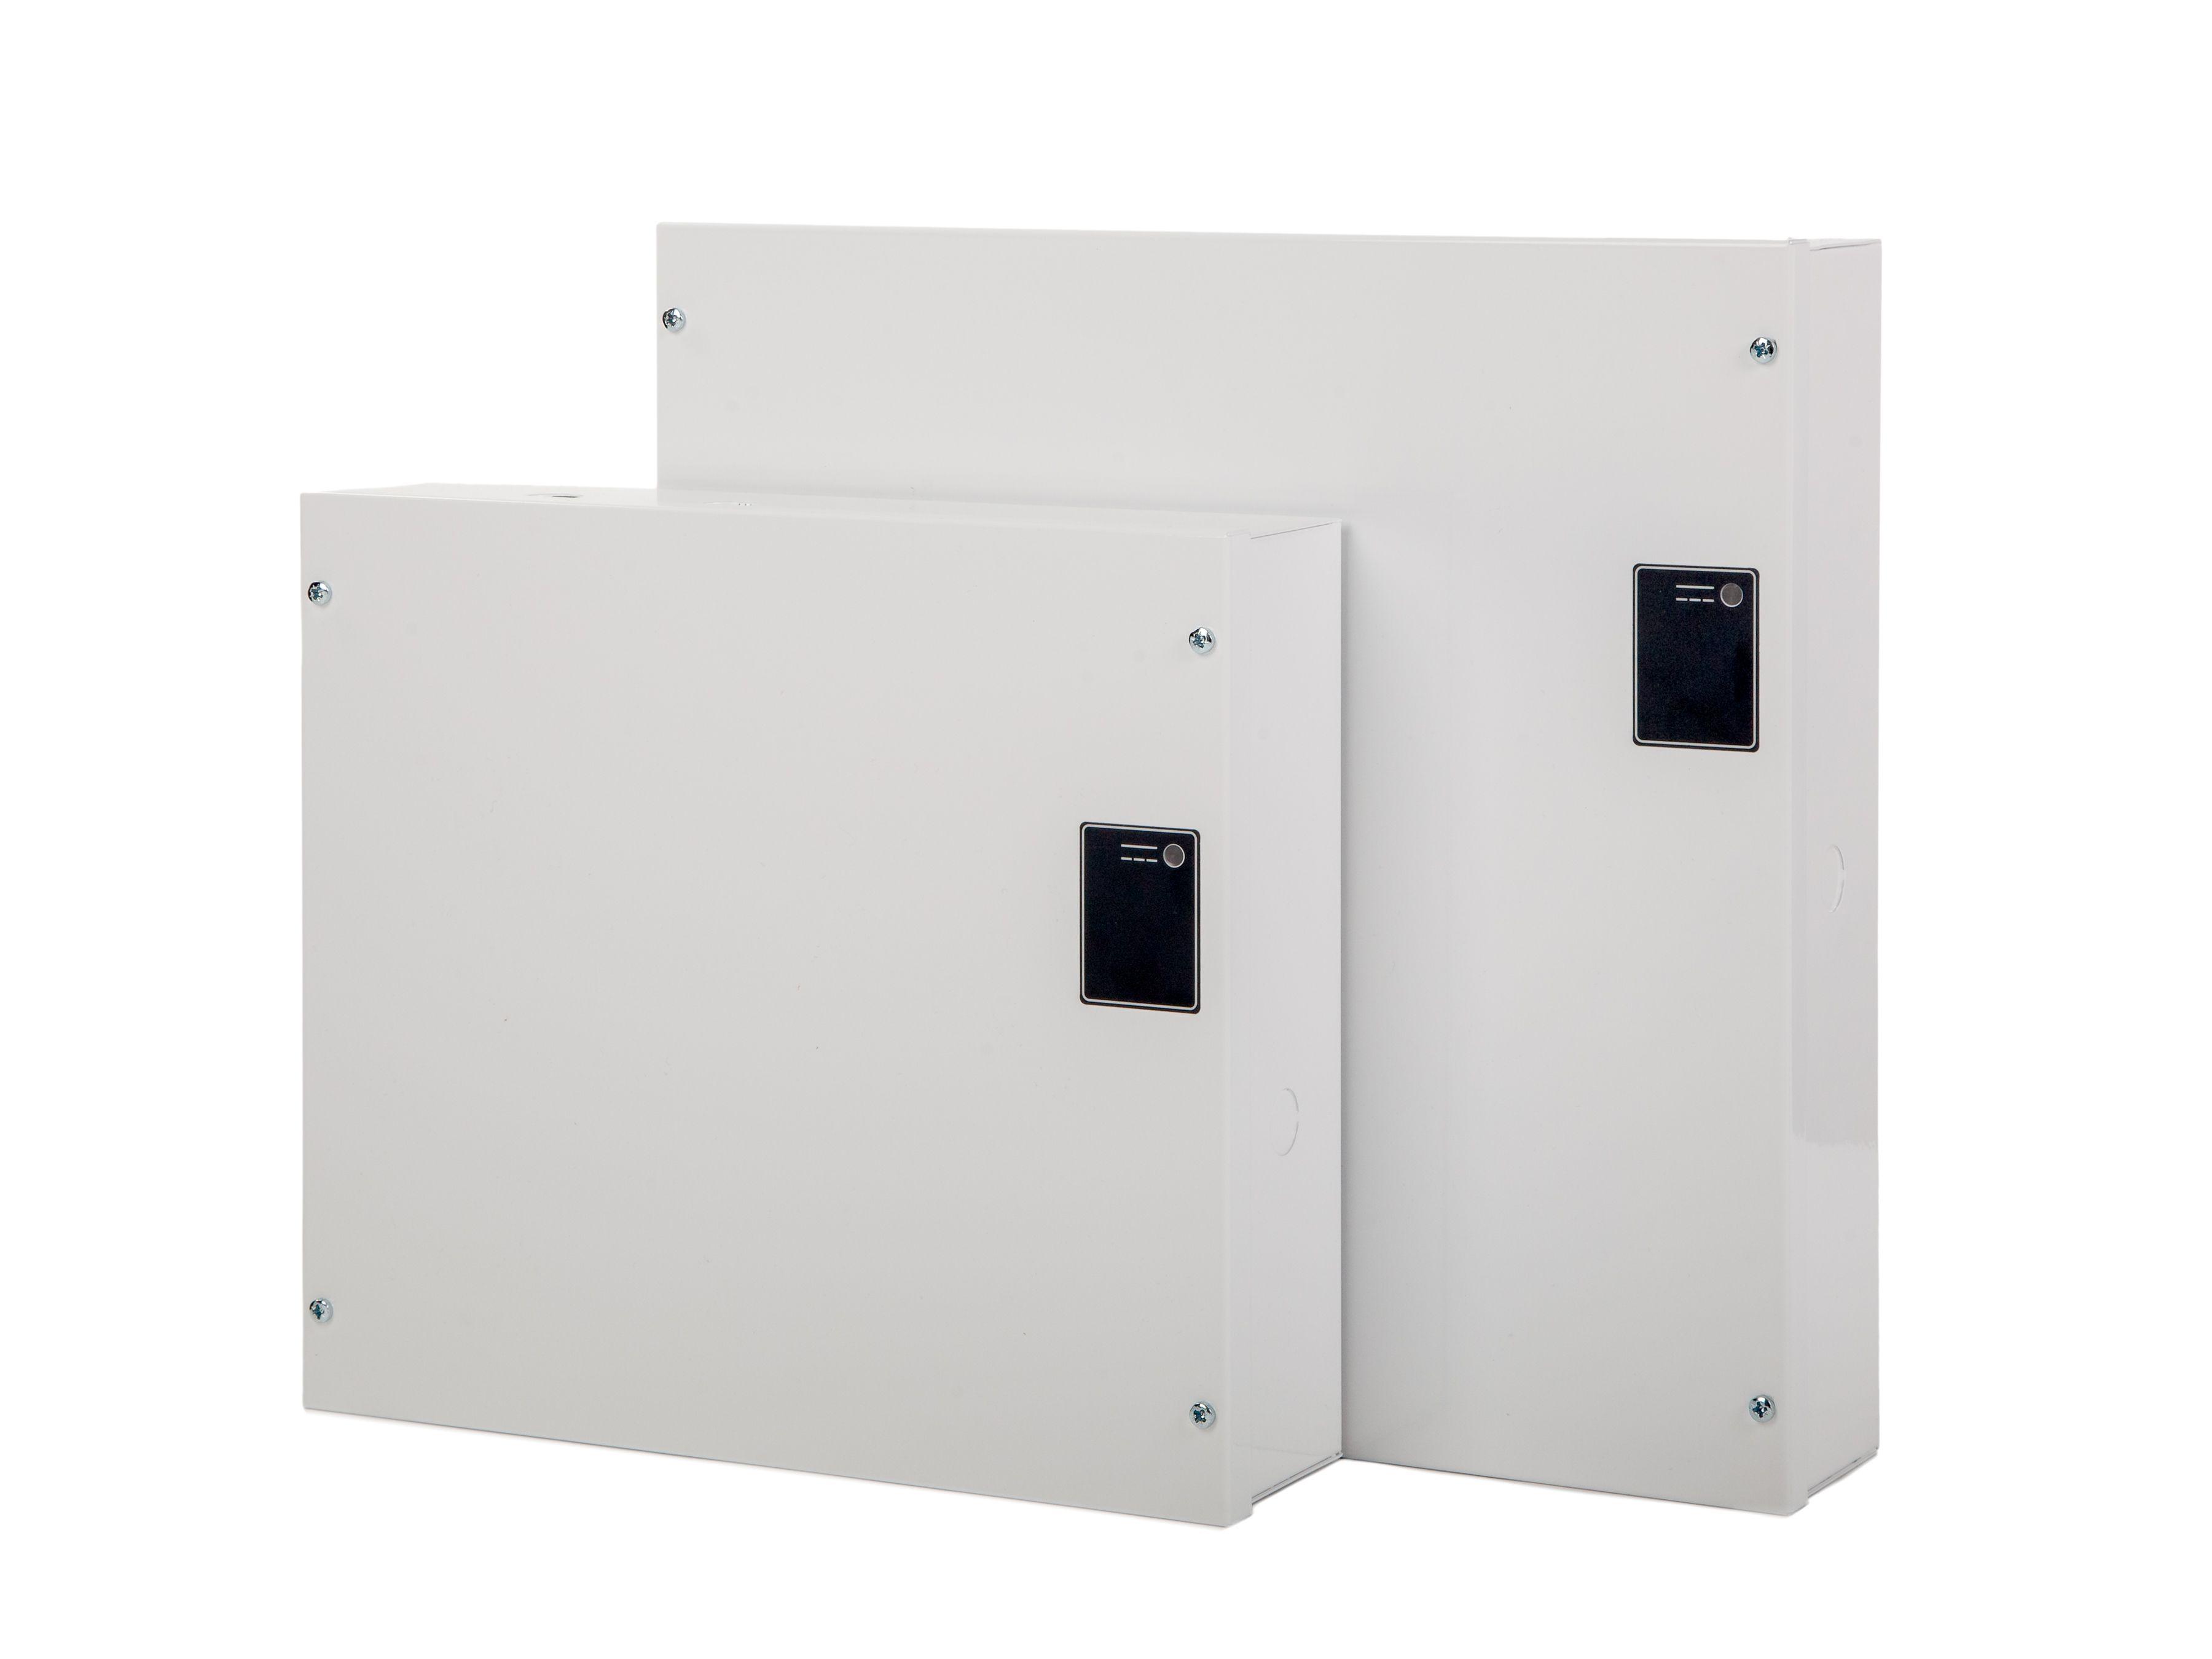 Dycon Power Solutions Ltd EN54-4 Fire PSU's